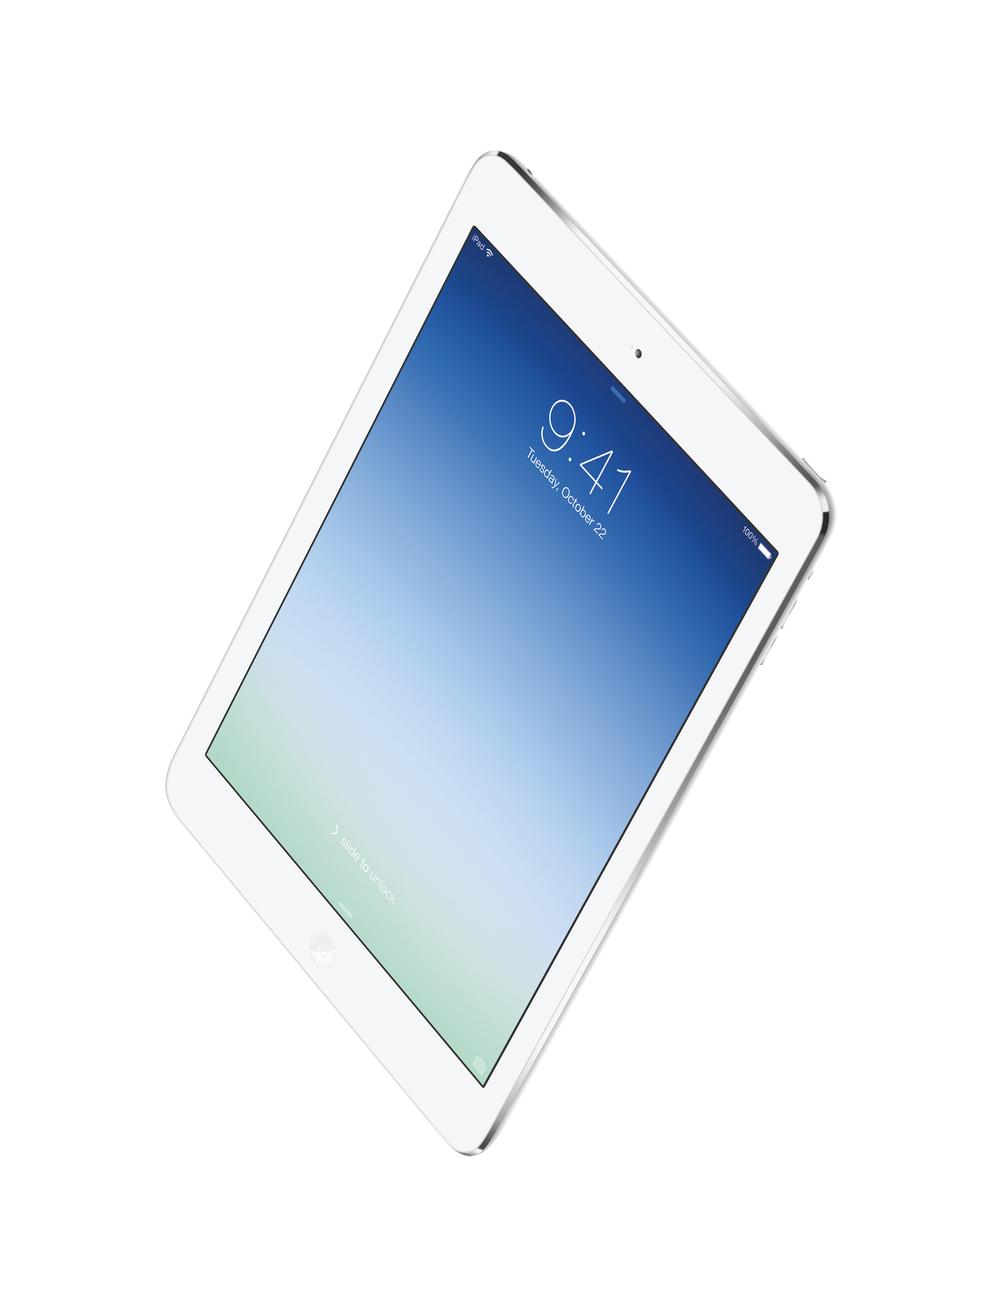 iPad Air, South Africa